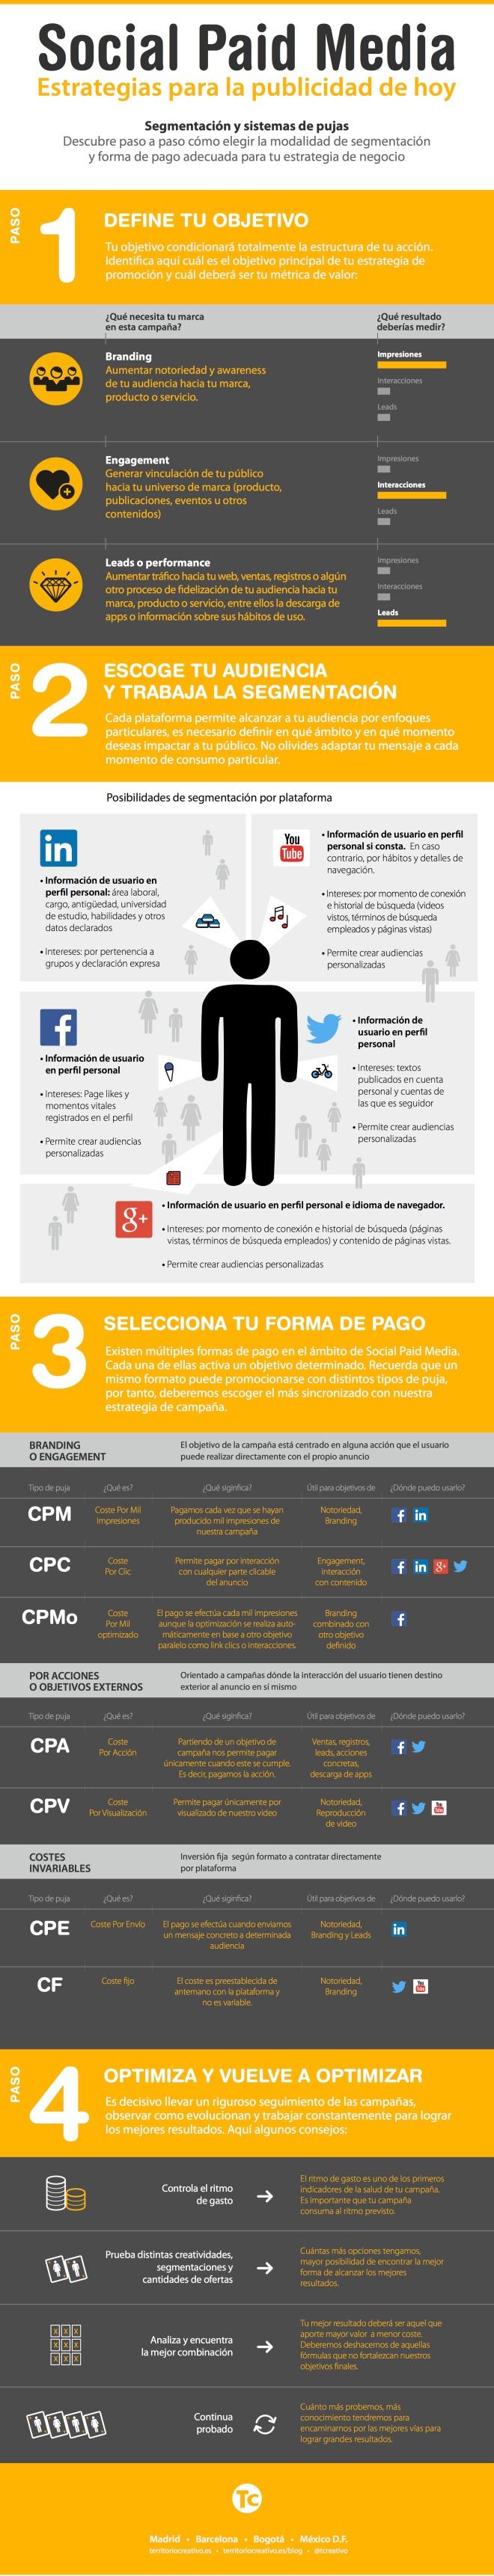 Estrategias para la publicidad de hoy (Social Paid Media)